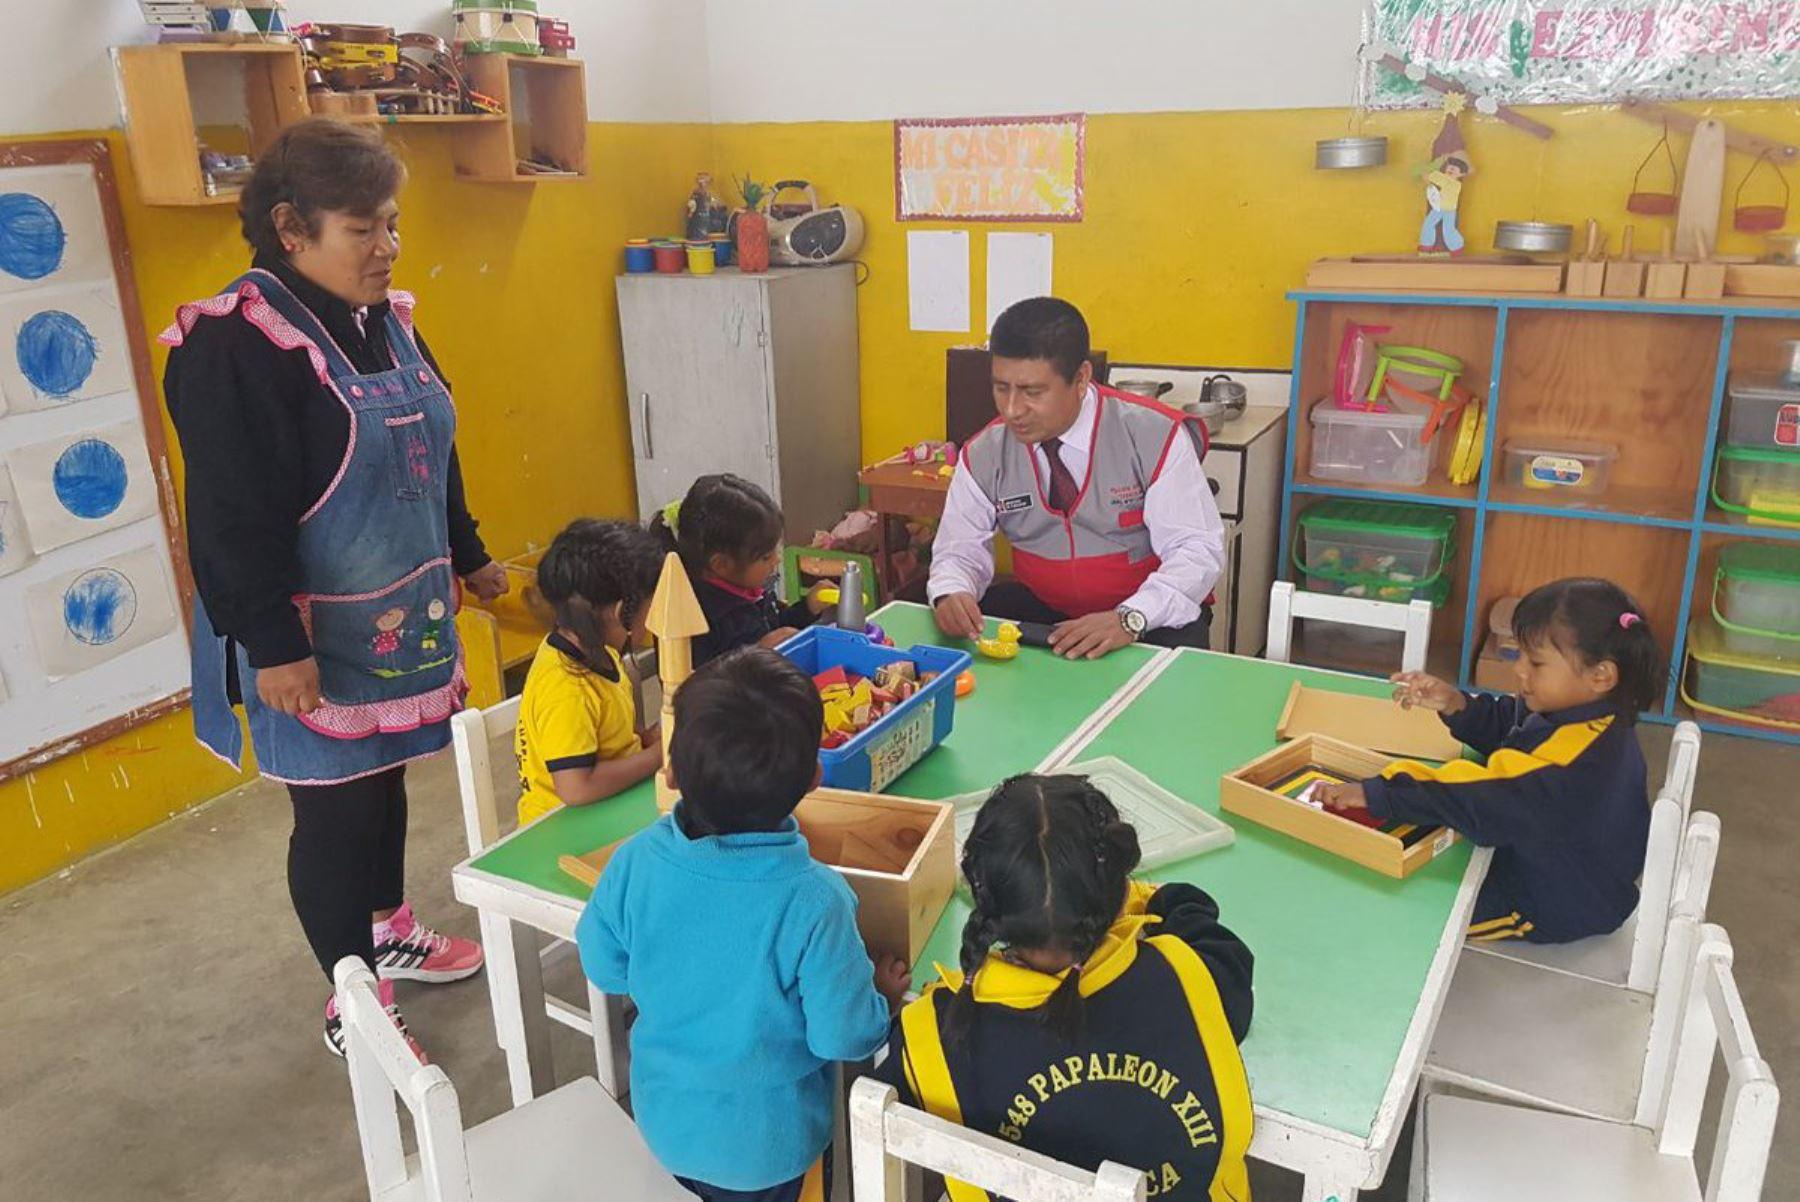 Especialistas del Ministerio de Educación supervisan colegios de Mala, en Cañete, para verificar daños por sismo de magnitud 5.5. ANDINA/Difusión